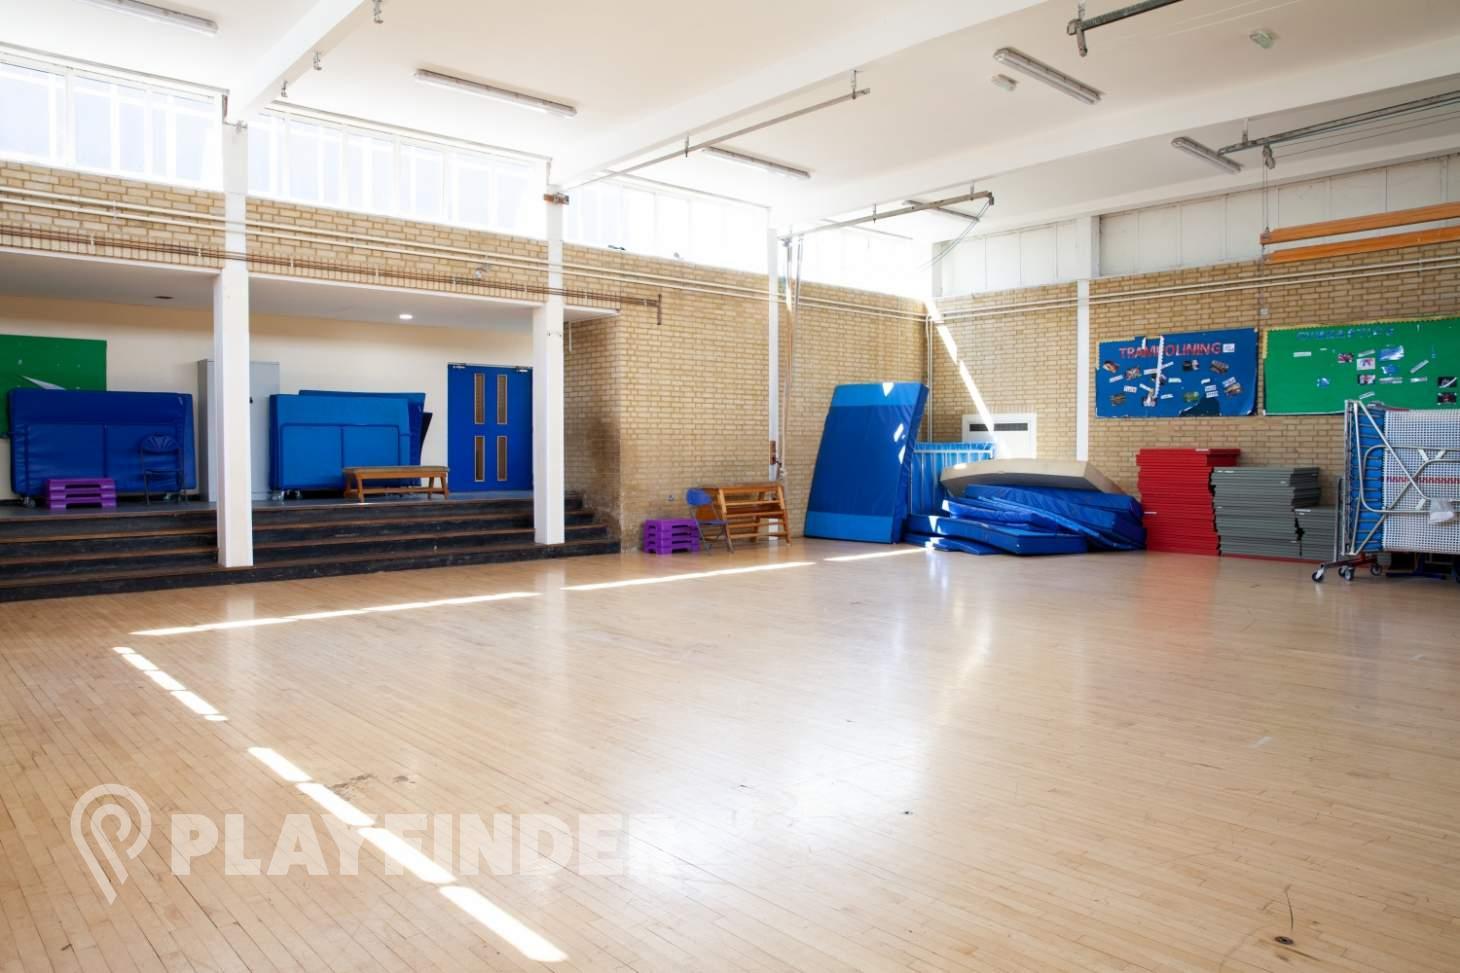 Leon Leisure Centre Studio | Dance studio space hire